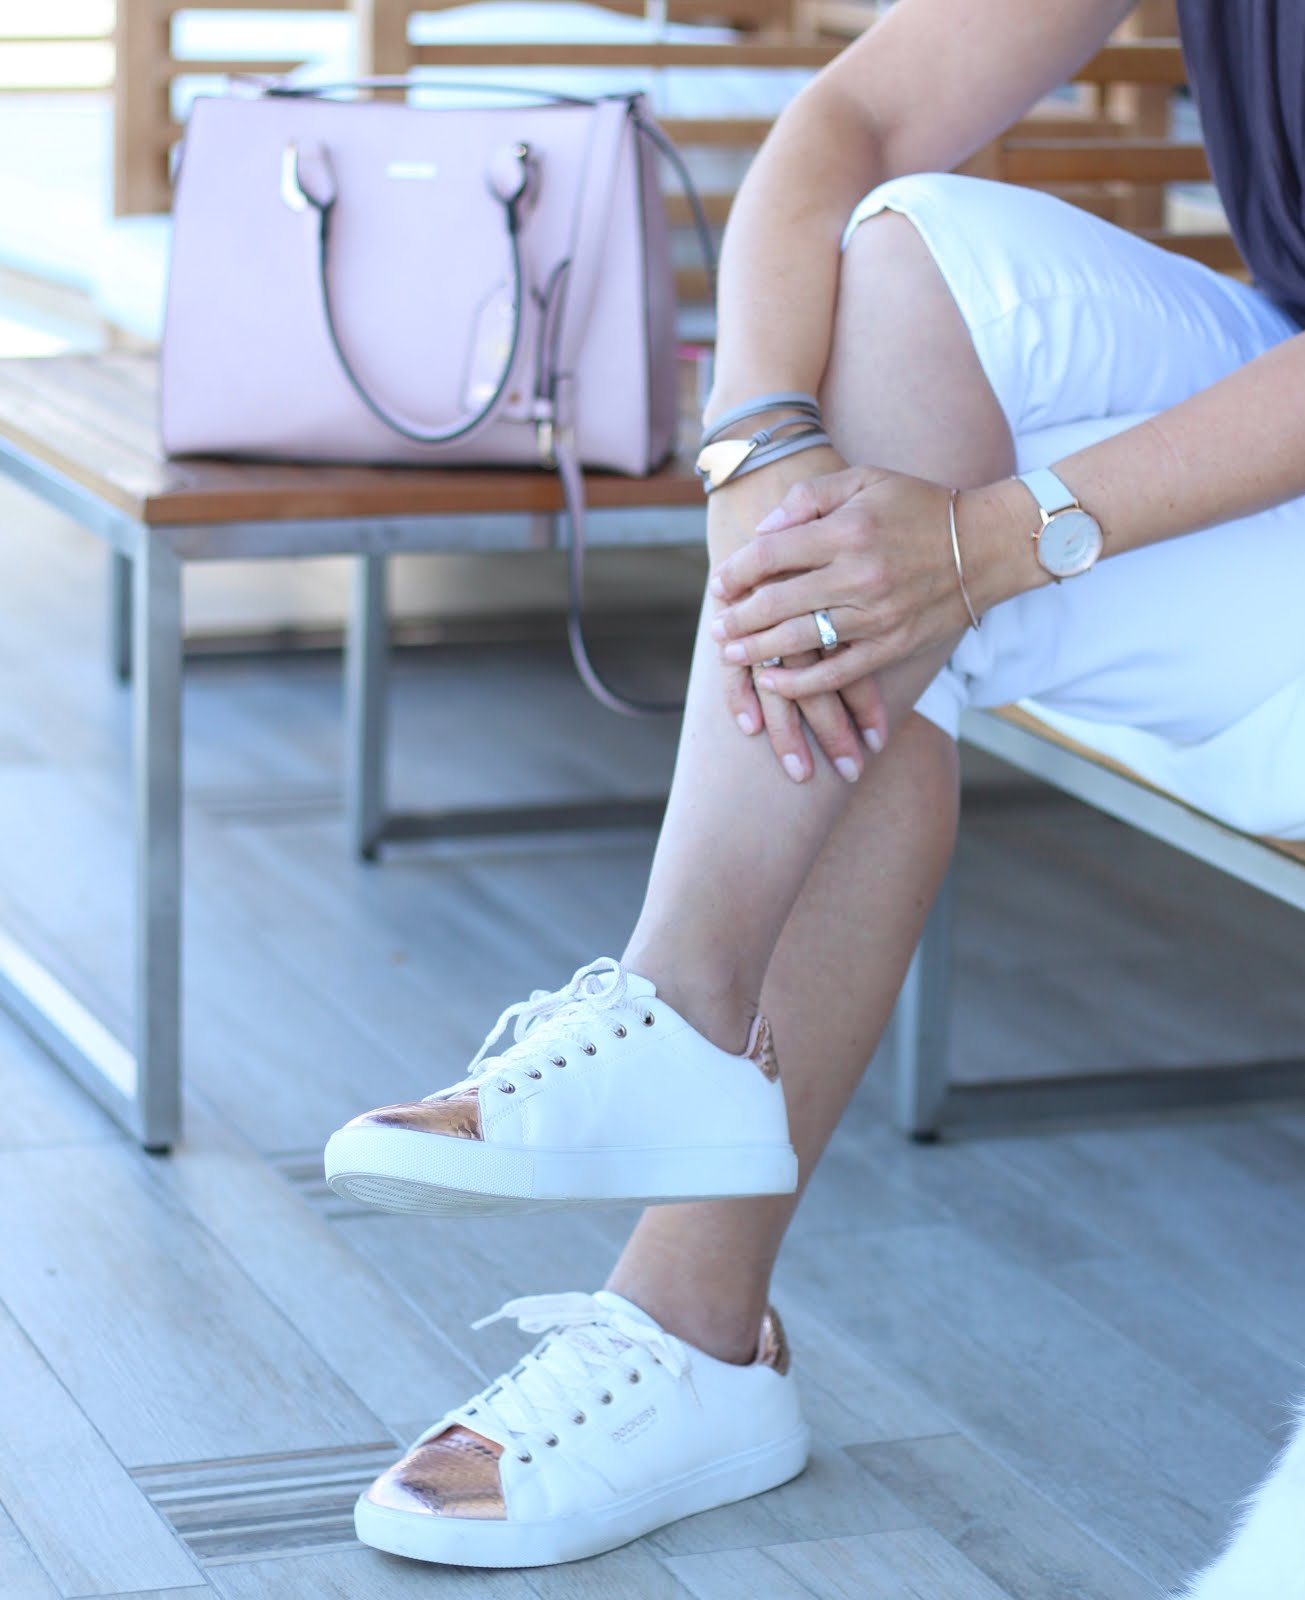 Fashion Friday in Goldbraun - sportlich elegante Mode für Stadt und Büro und ein paar Gedanken zum Thema Selbstliebe